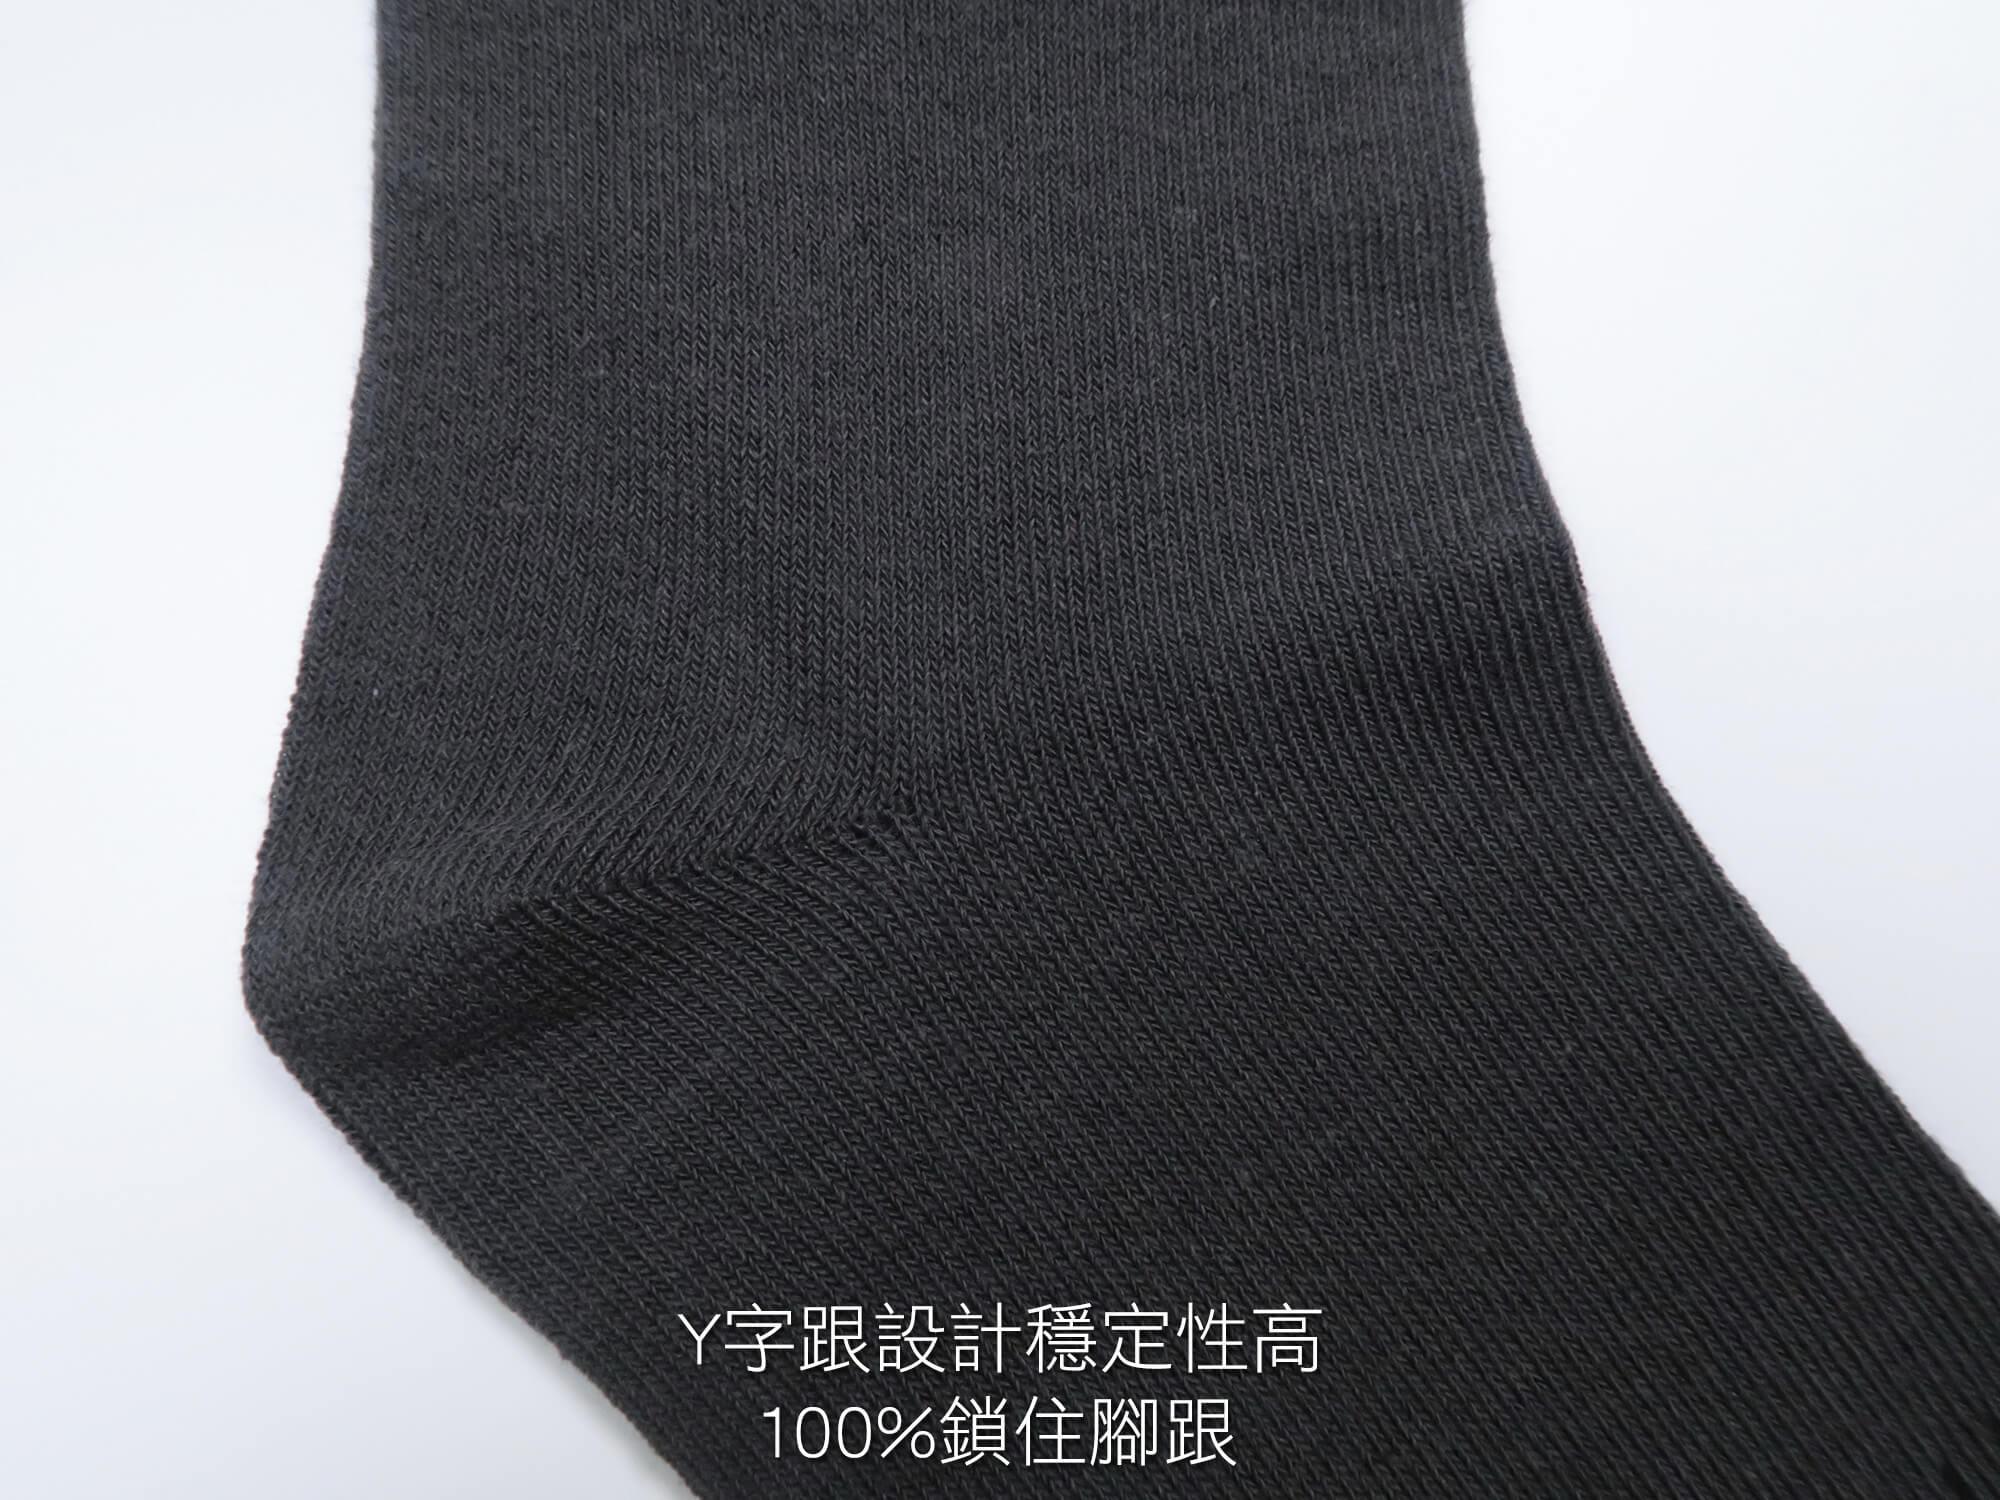 台灣製精梳棉襪 寬口休閒襪 舒適透氣襪子 台灣製造 冬暖夏涼 吸濕 除臭 三合豐(ELF) MADE IN TAIWAN SOCKS COMBED COTTON SOCKS (6416-1)黑色、(6416-2)白色、(6416-3)深灰色、(6416-4)深藍色 尺寸24~26公分 [實體店面保障] sun-e 7